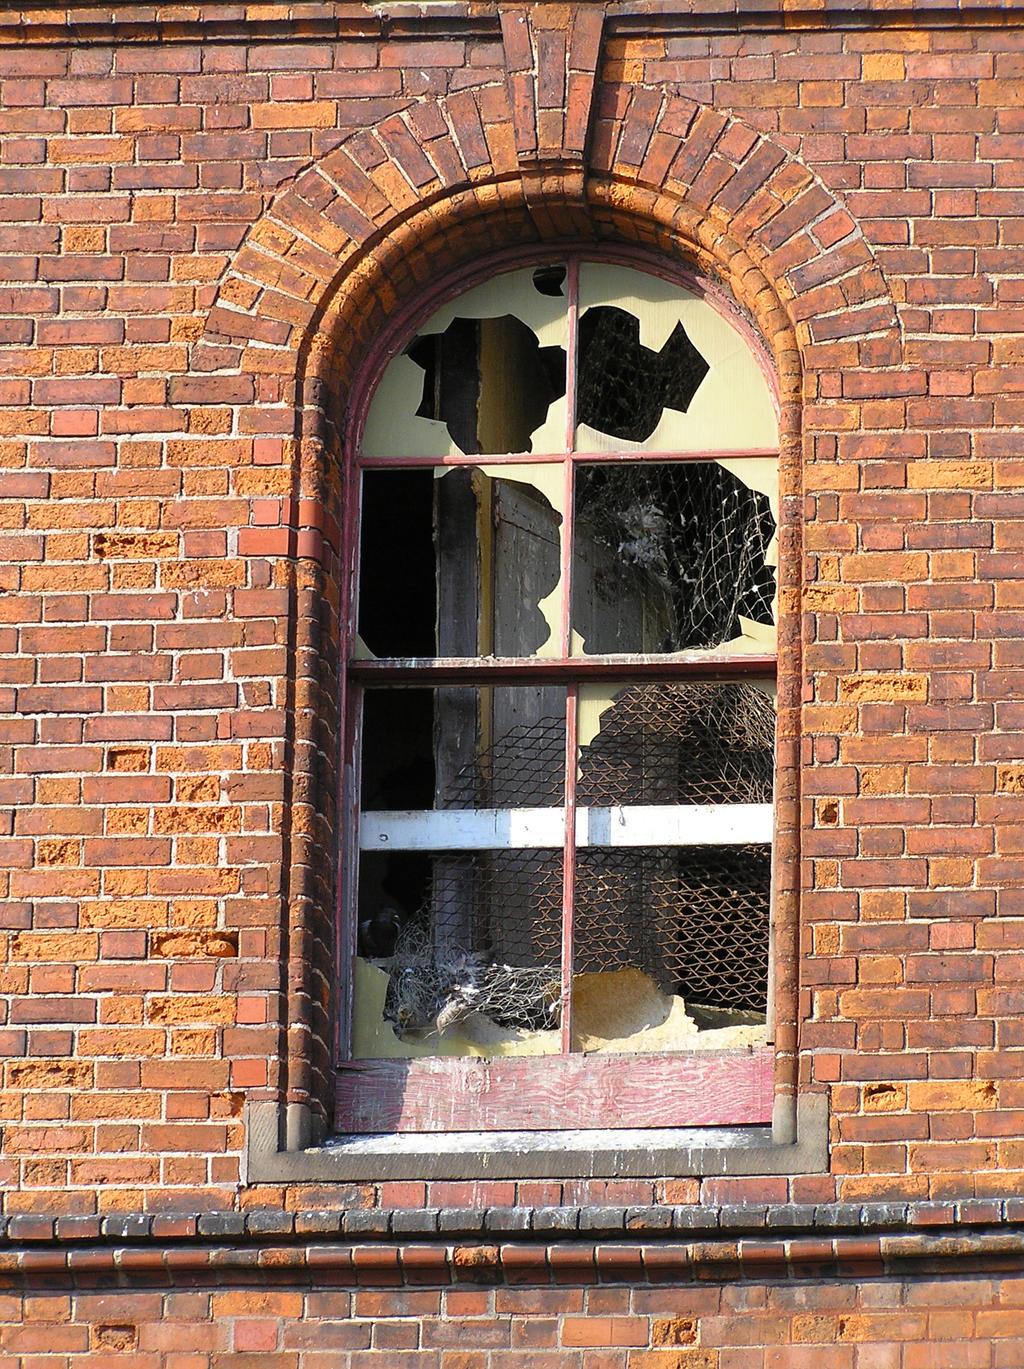 Broken Window Stock 1 by supersnappz16